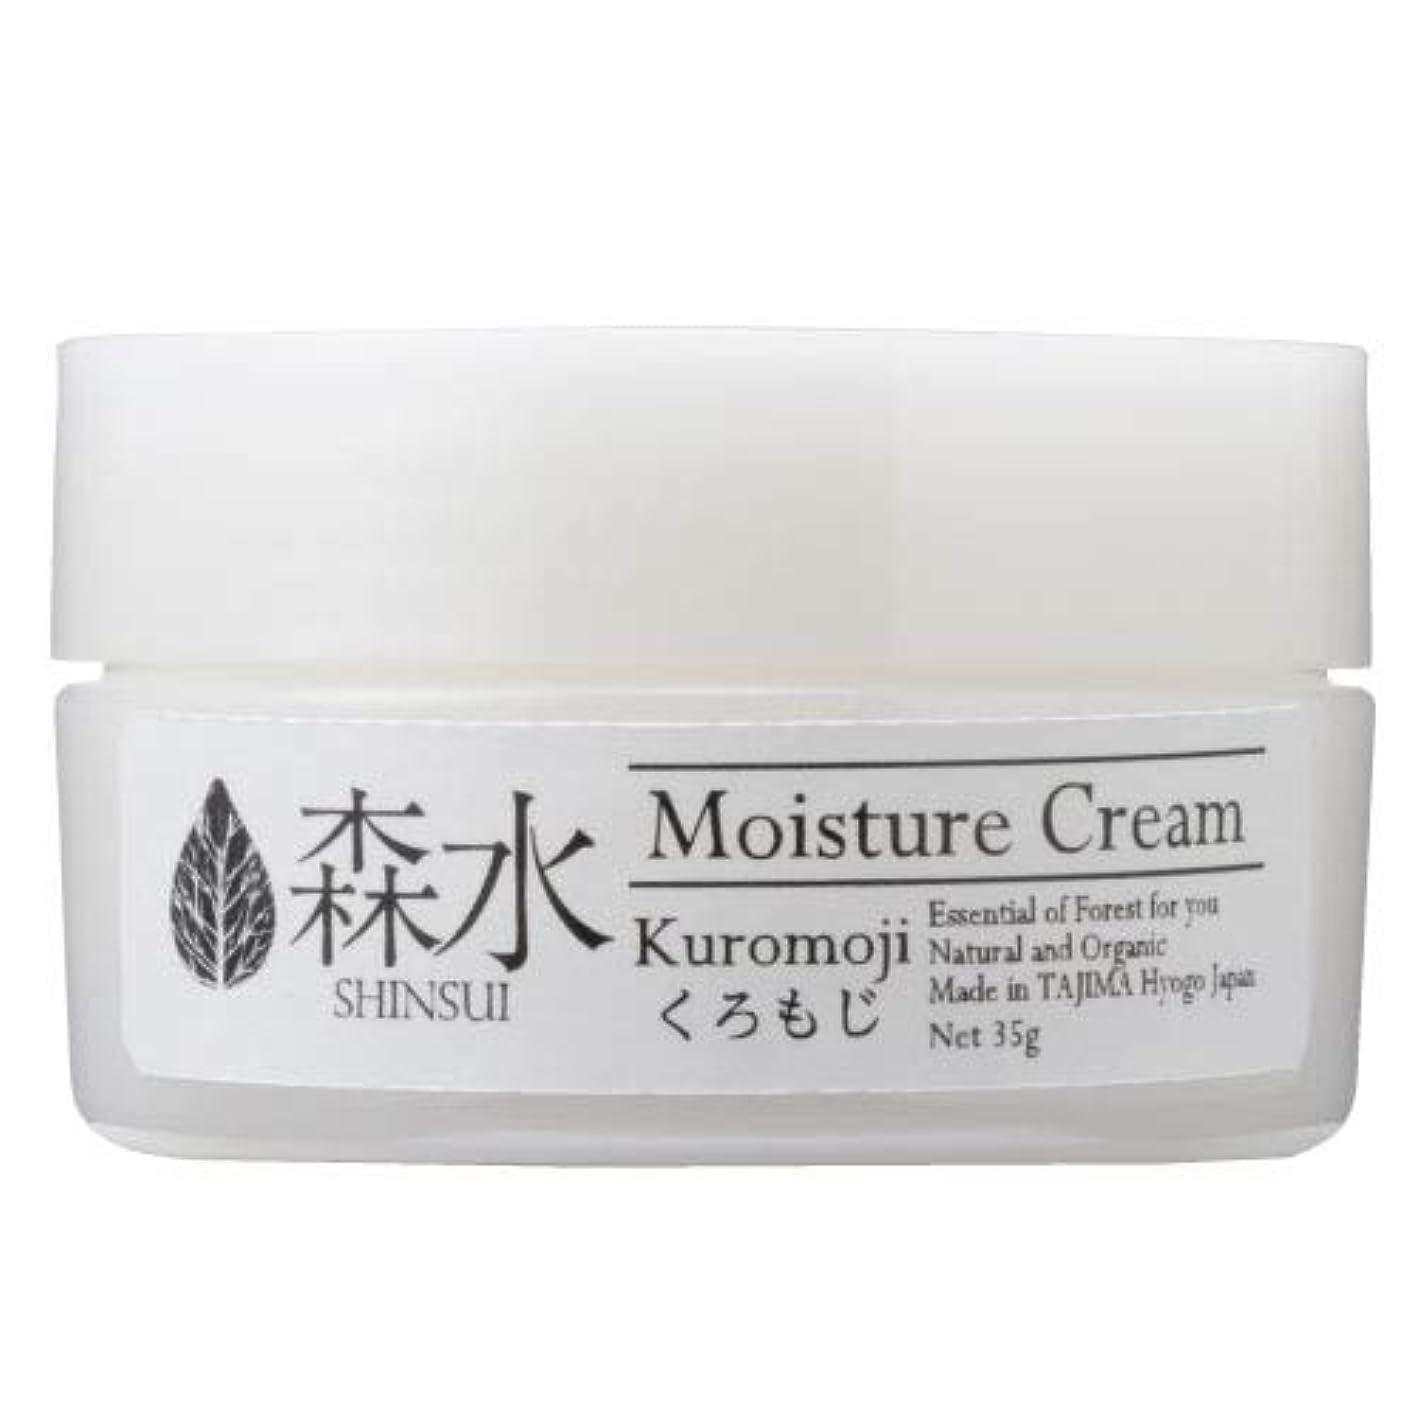 クライマックス定義契約する森水-SHINSUI シンスイ-くろもじクリーム(Kuromoji Moisture Cream)35g